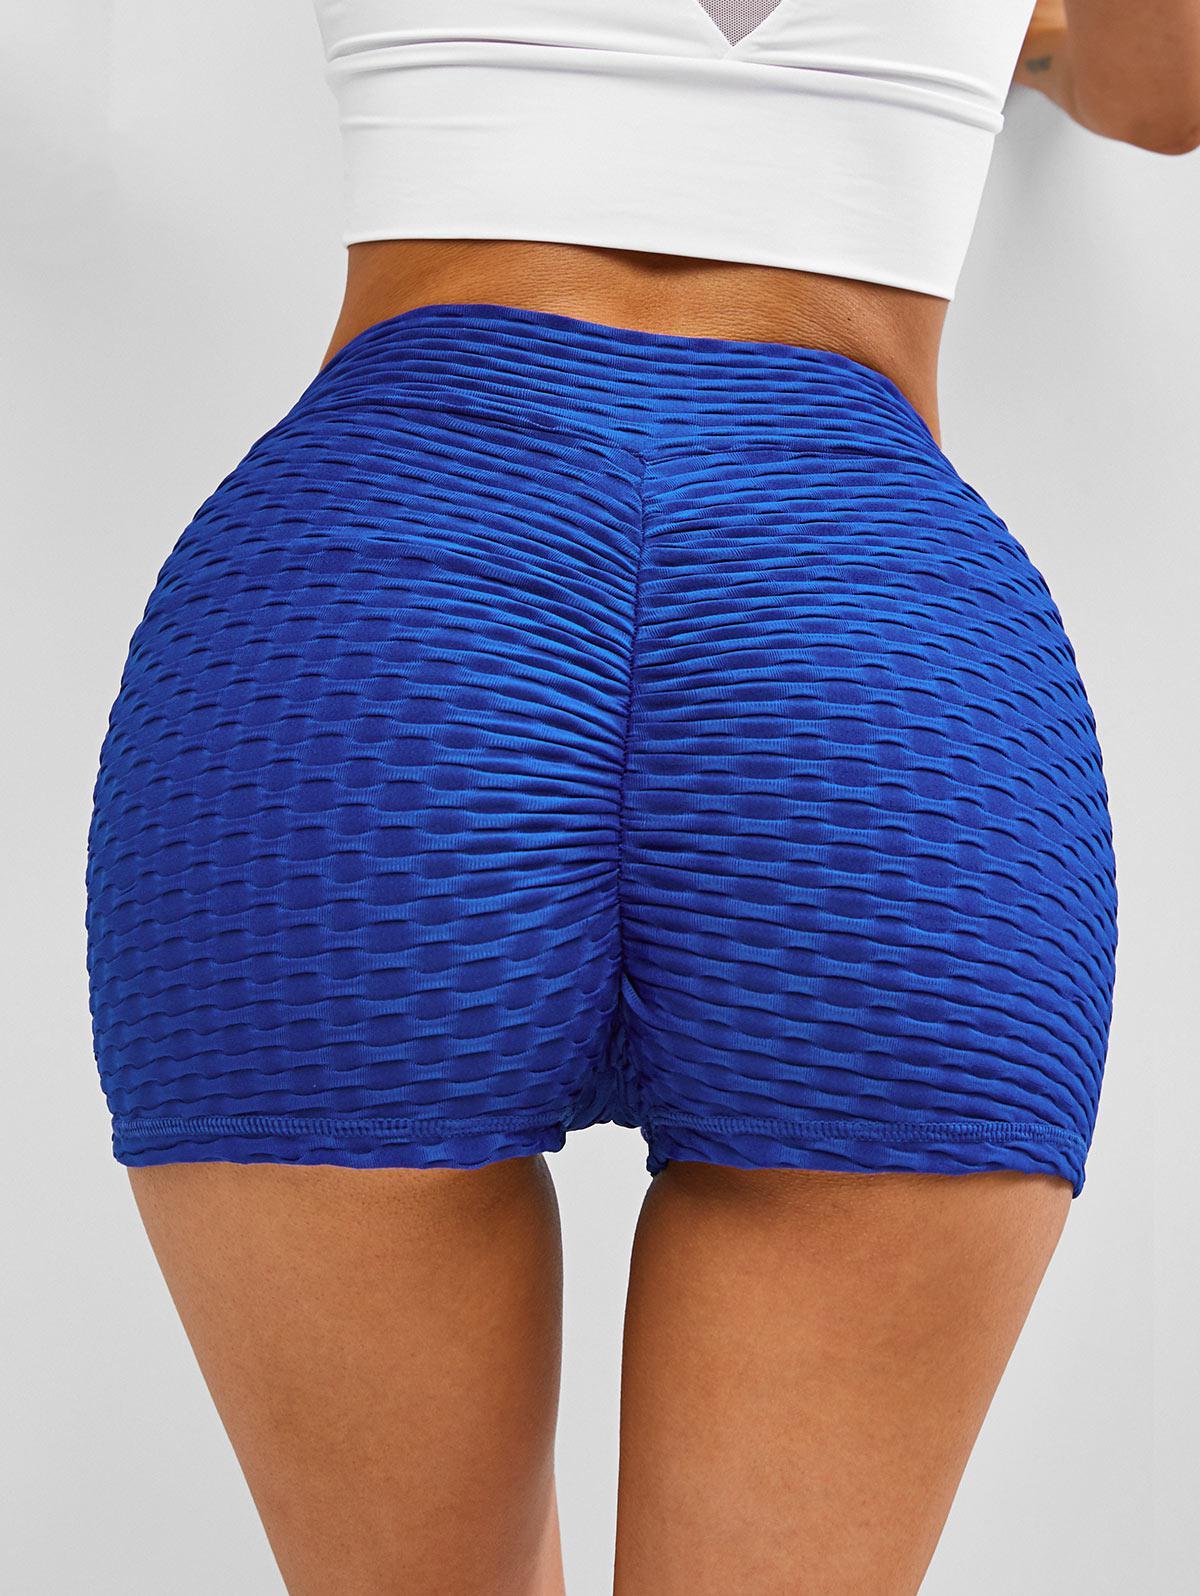 Textured Overlap Waist Ruched Bum Gym Shorts